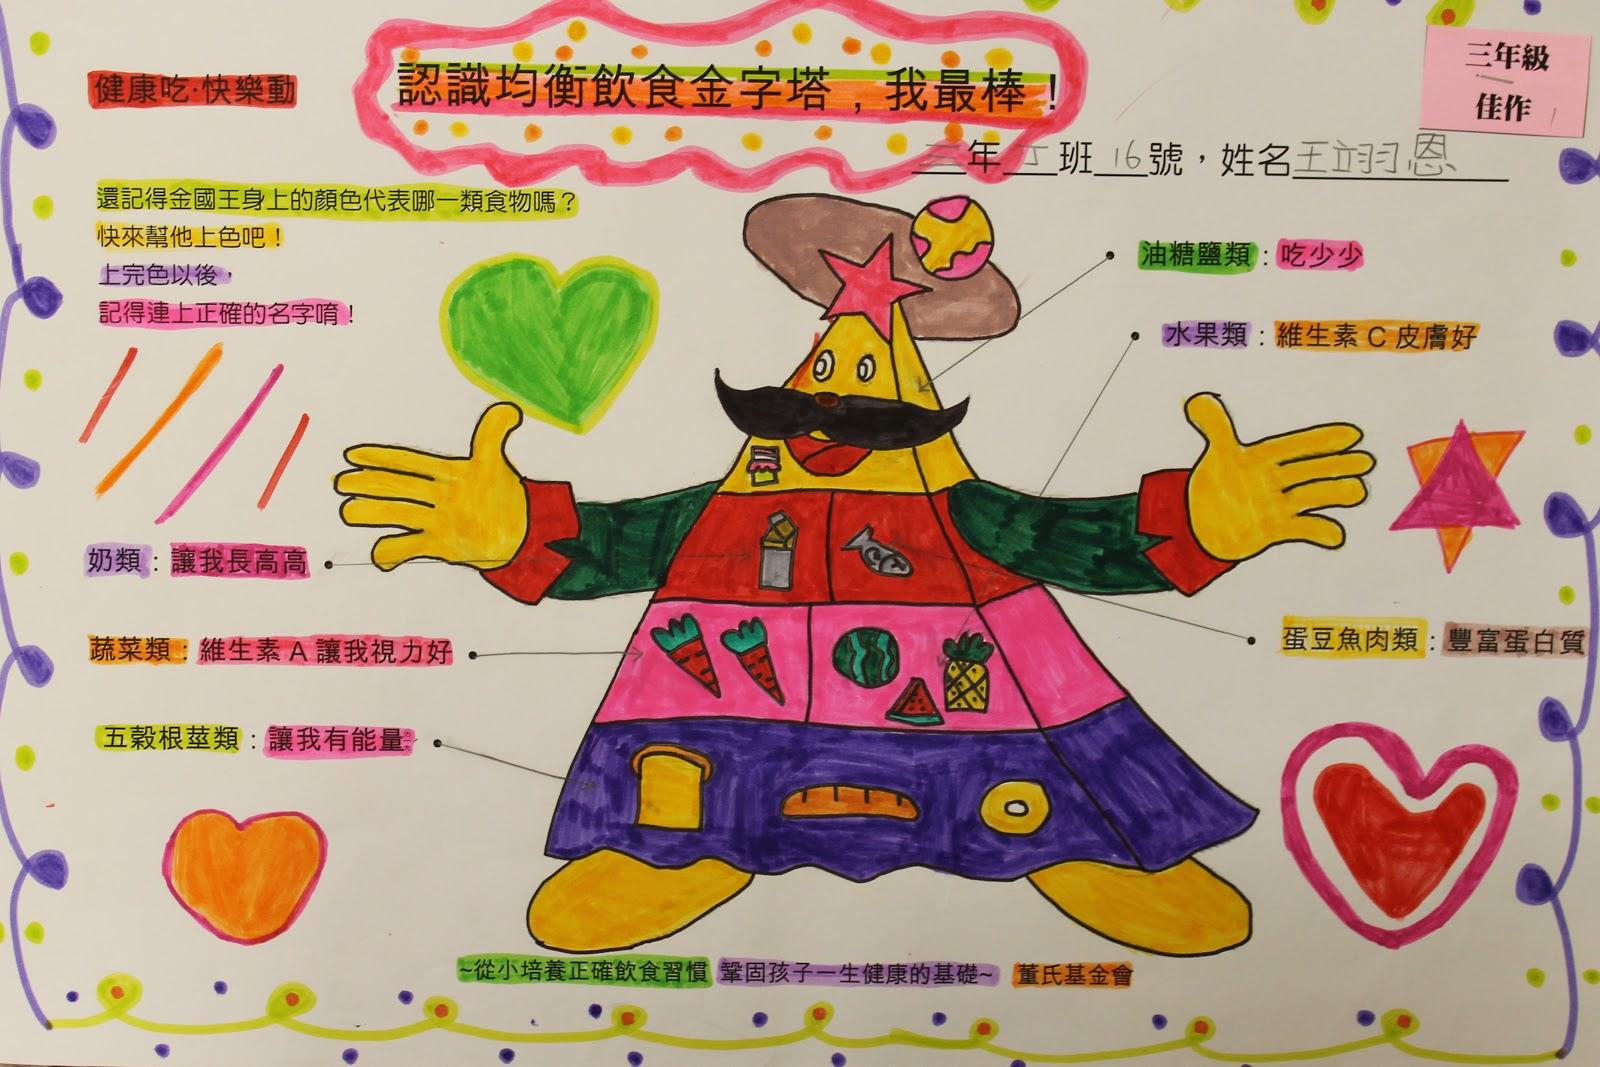 順天國小午餐營養教育網: 101學年度營養教育著色比賽三年級優勝作品